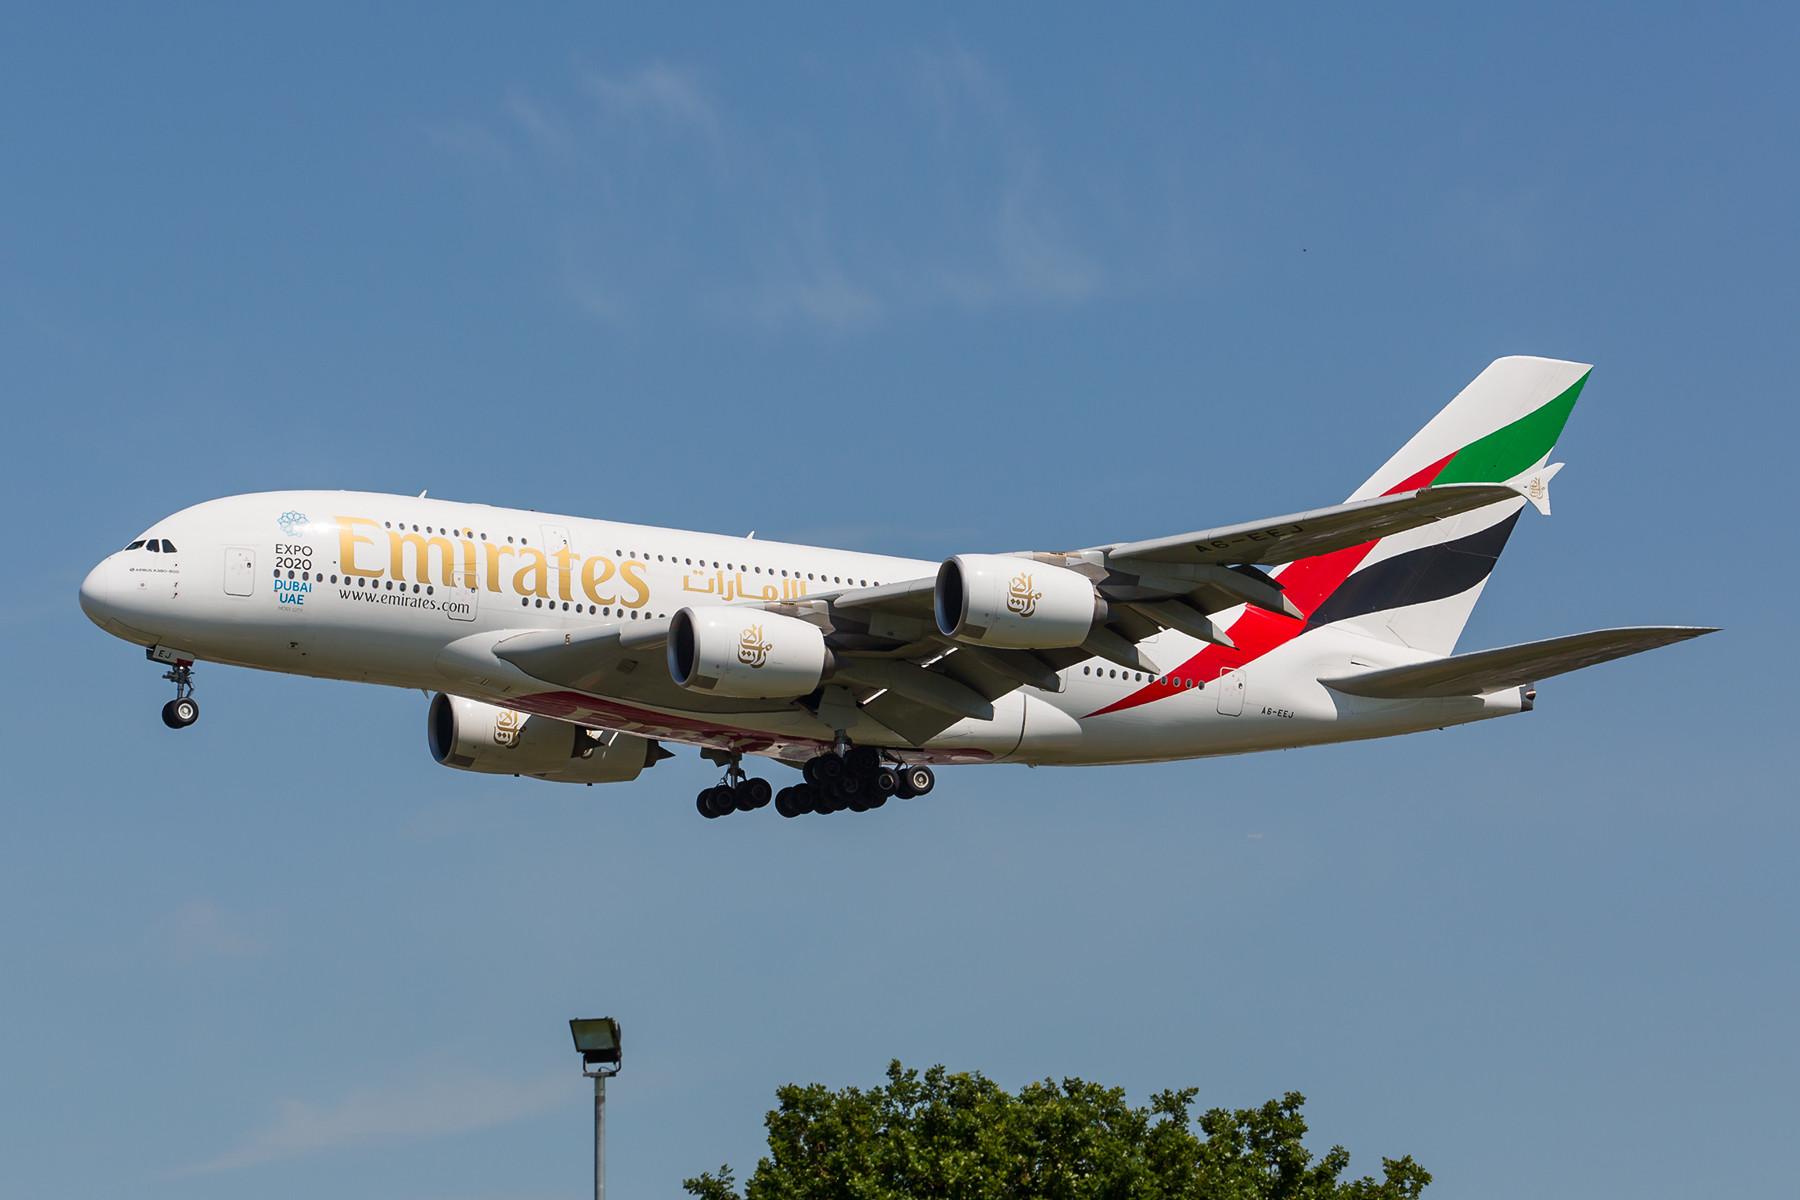 Insgesamt sechs tägliche Verbindungen fliegt Emirates mit der A 380 nach LHR.